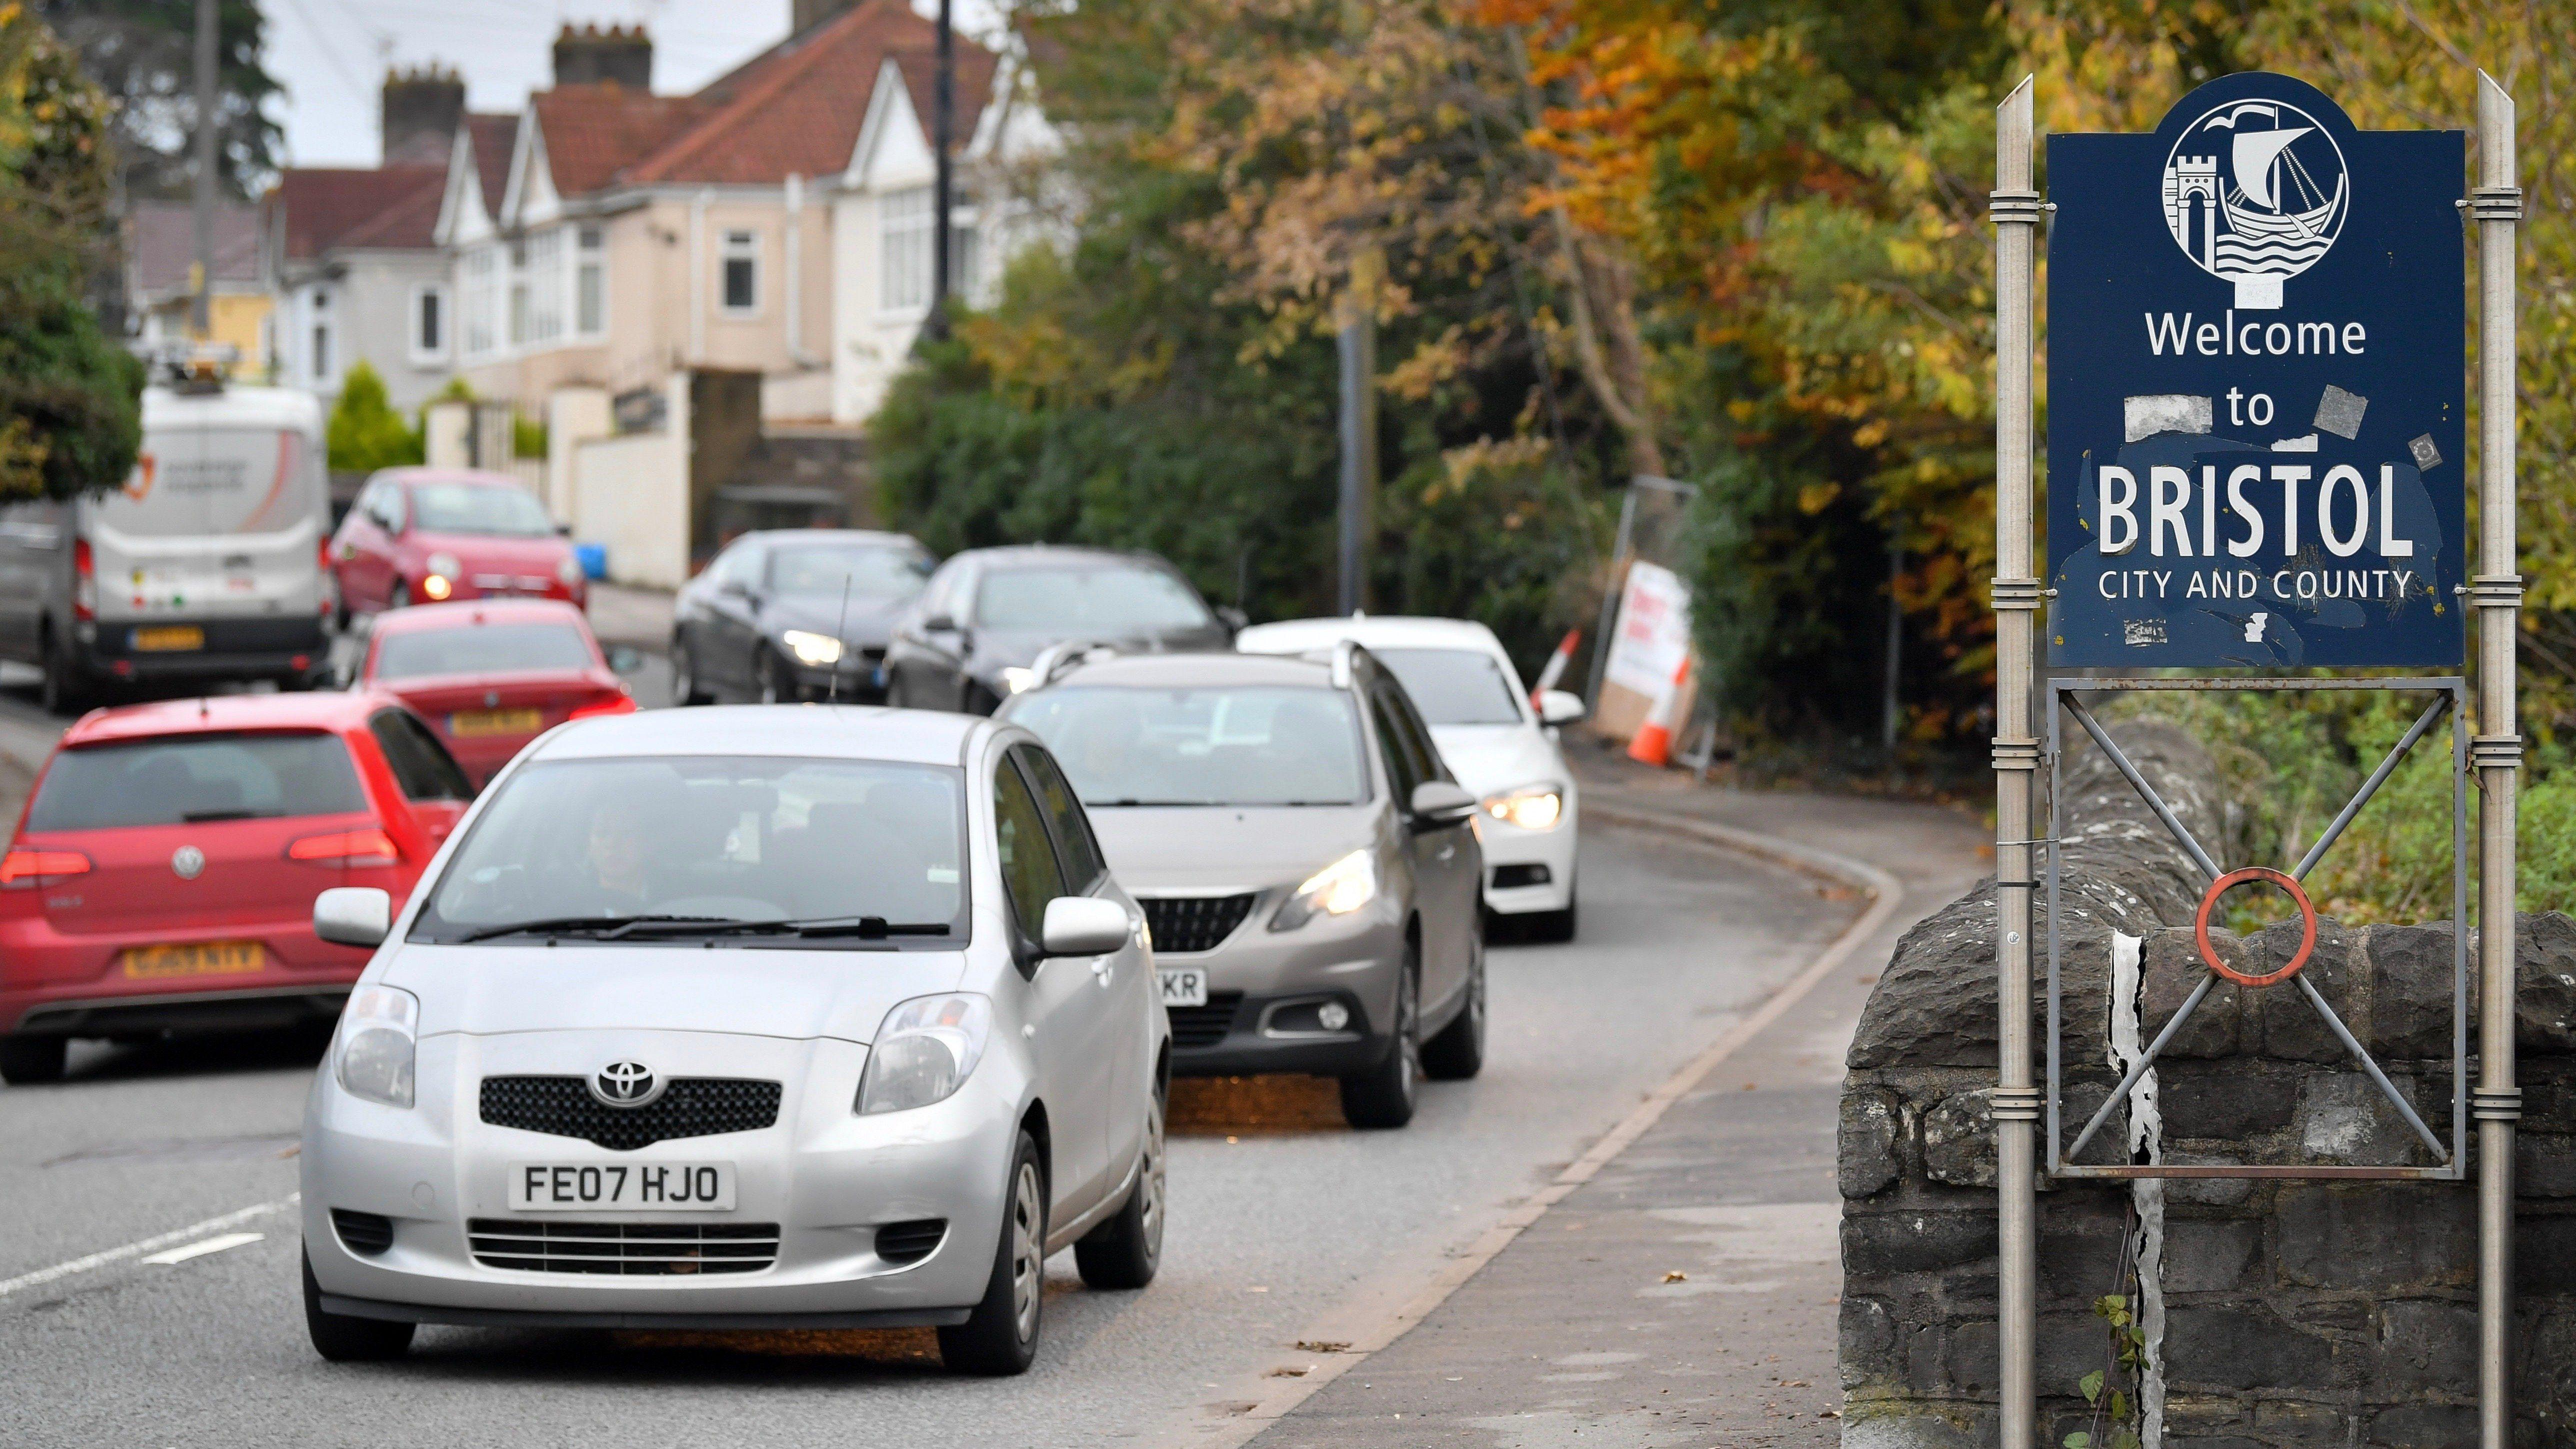 Bristol Diesel Ban Approved in Effort to Clean Air